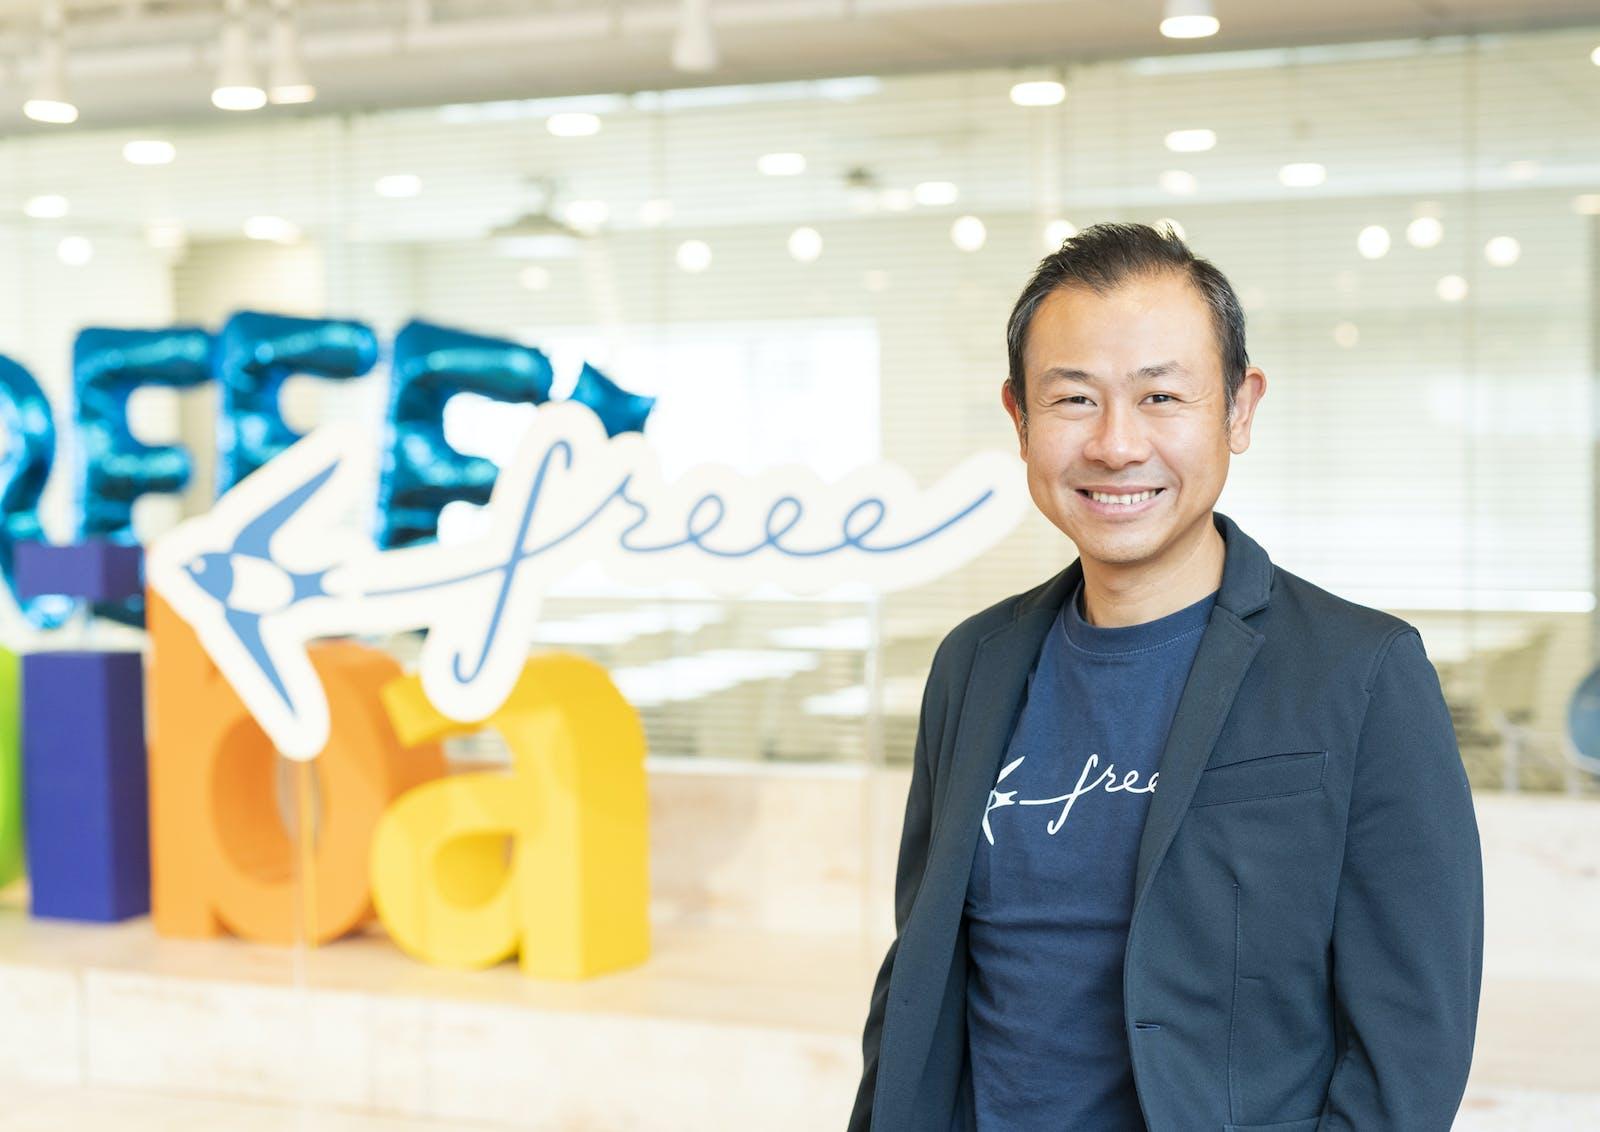 freee株式会社のアイキャッチ画像